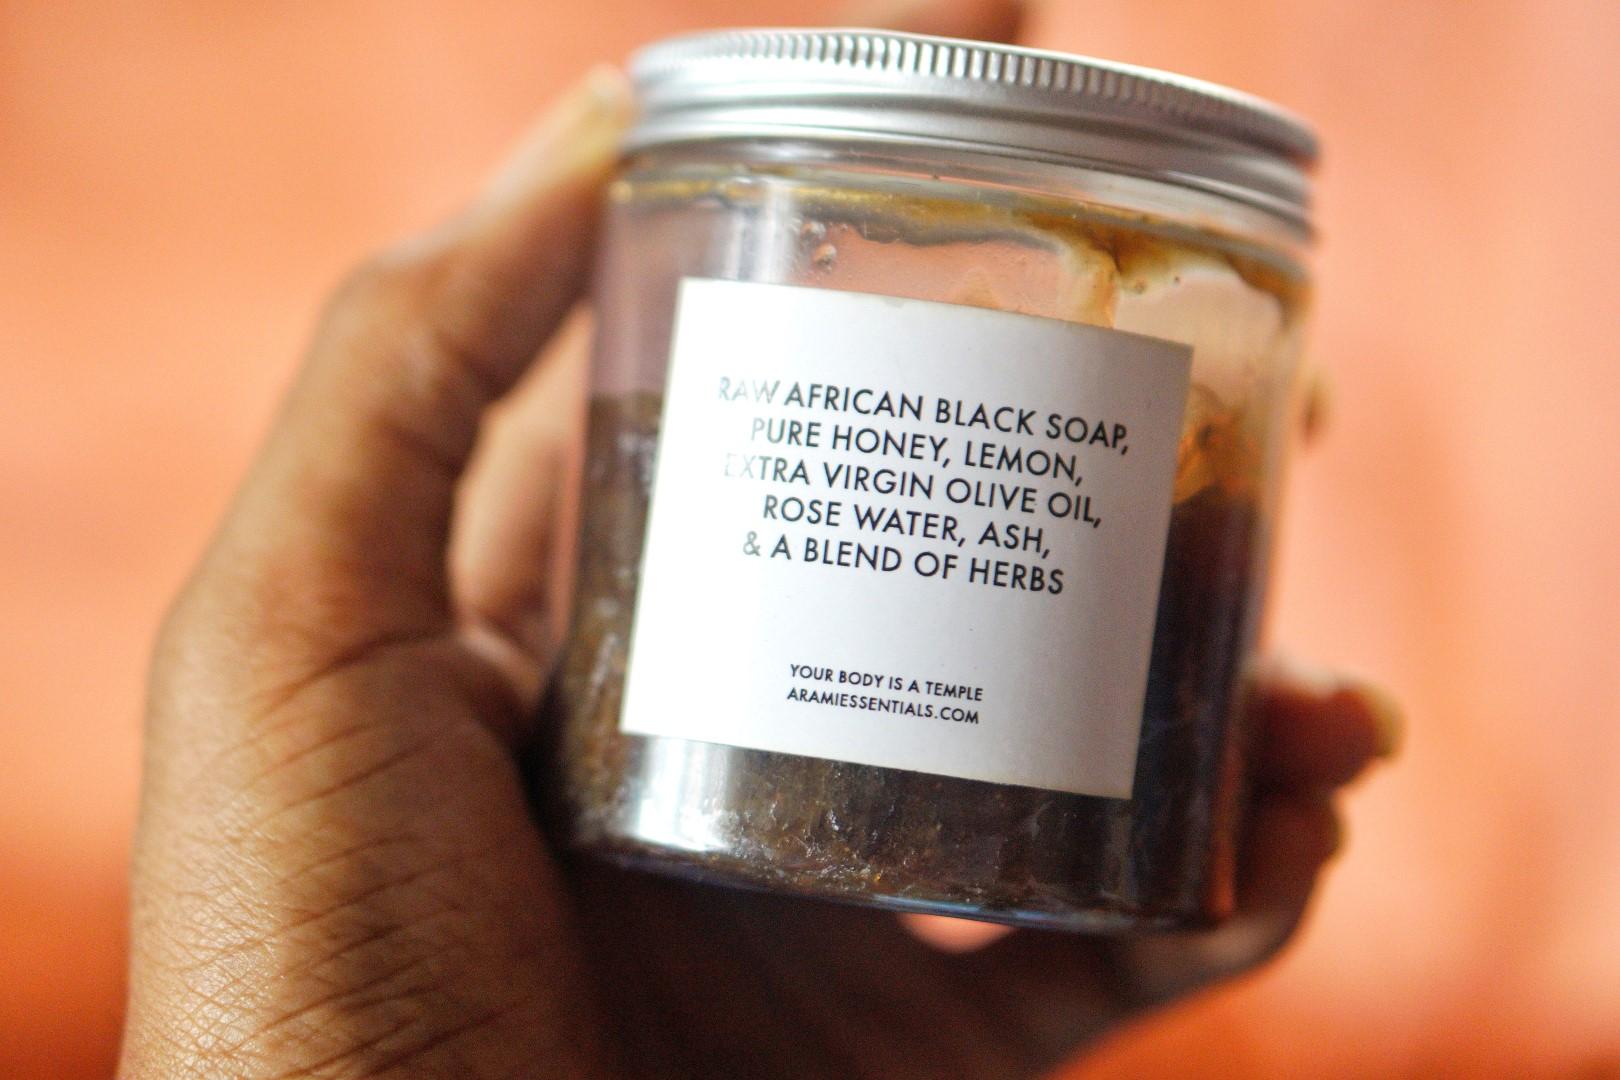 arami essentials black soap ingredients